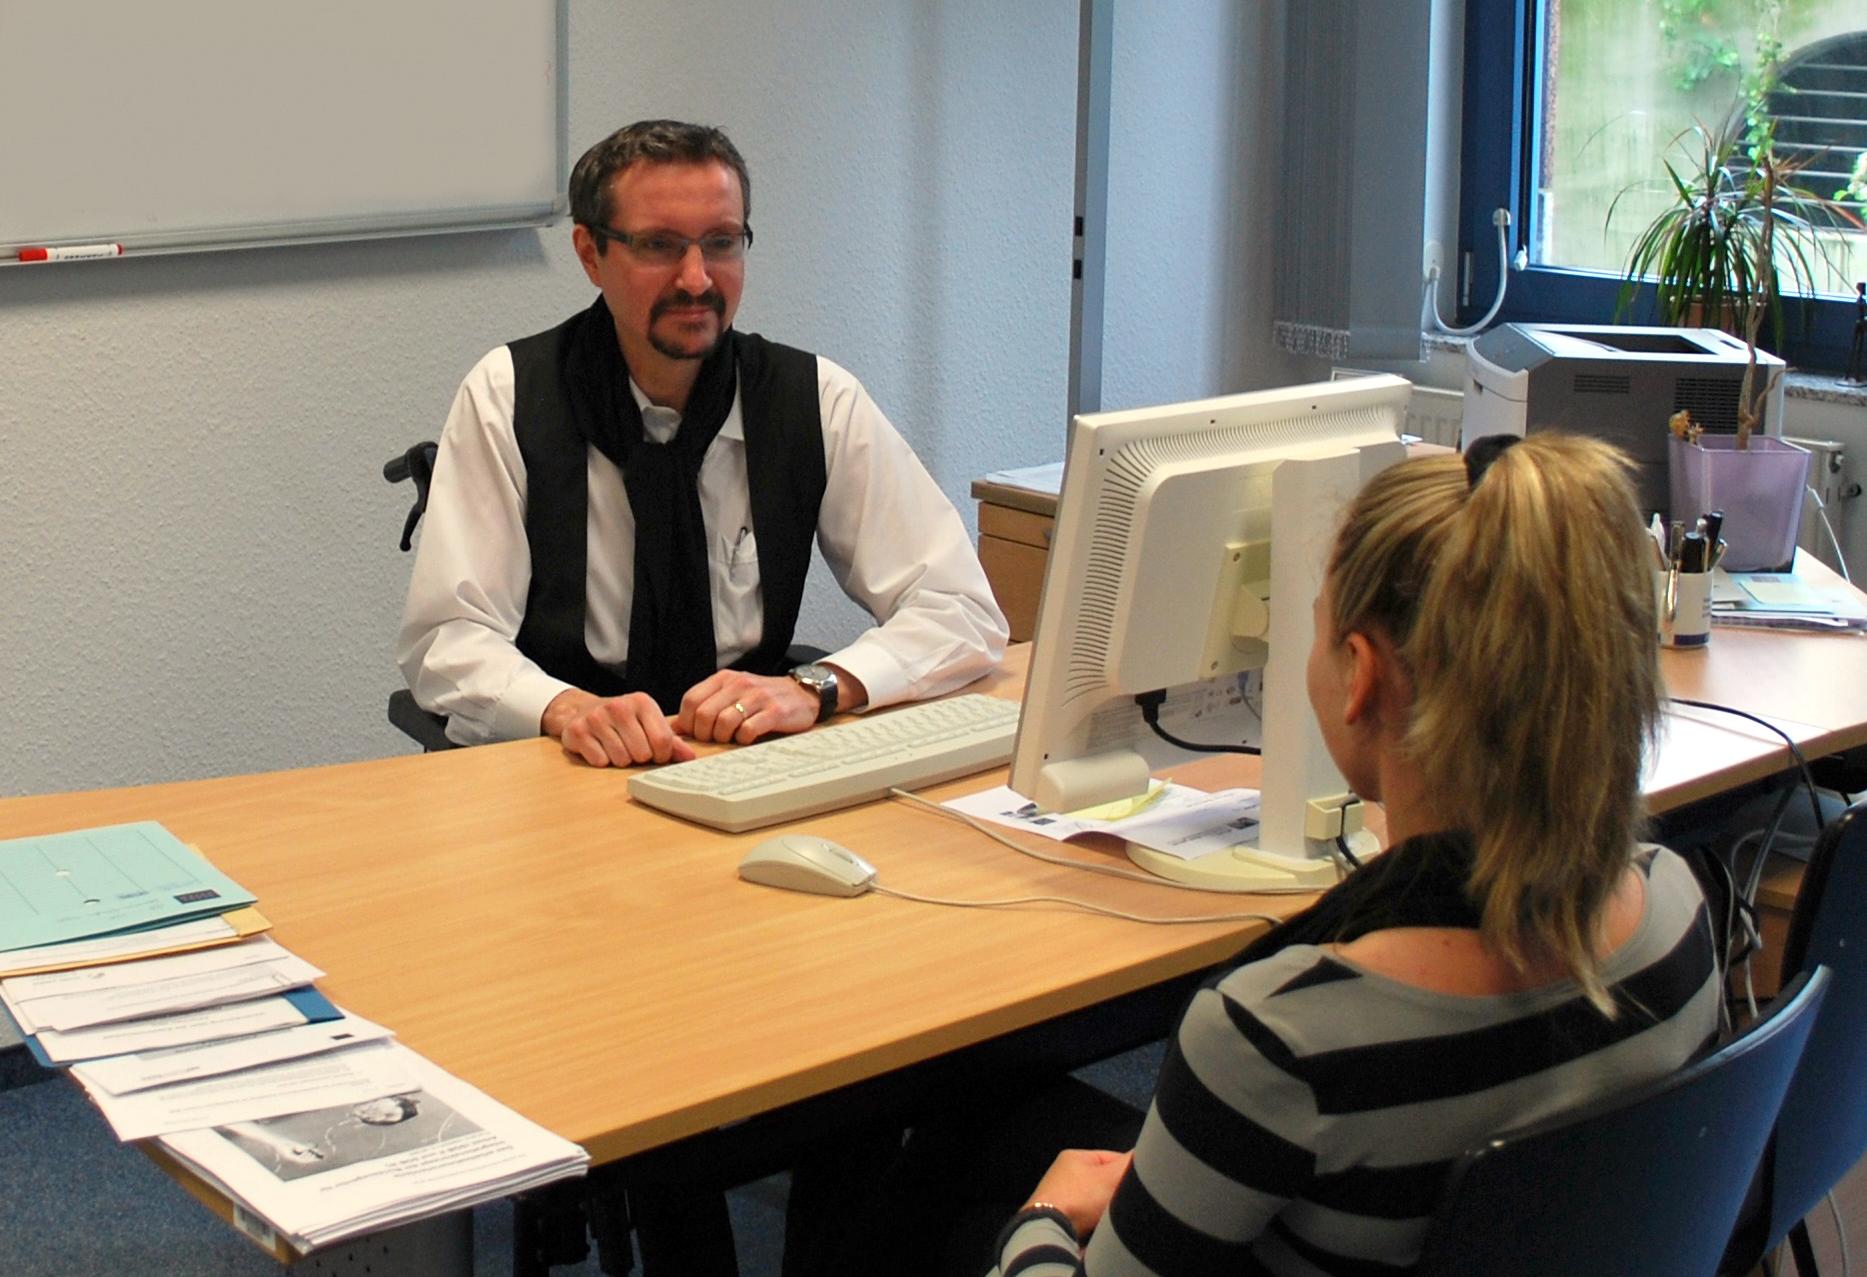 Ein Arbeitsvermittler und eine Arbeitssuchende sitzen sich am Schreibtisch gegenüber und beraten die beruflichen Perspektiven der Kundin.